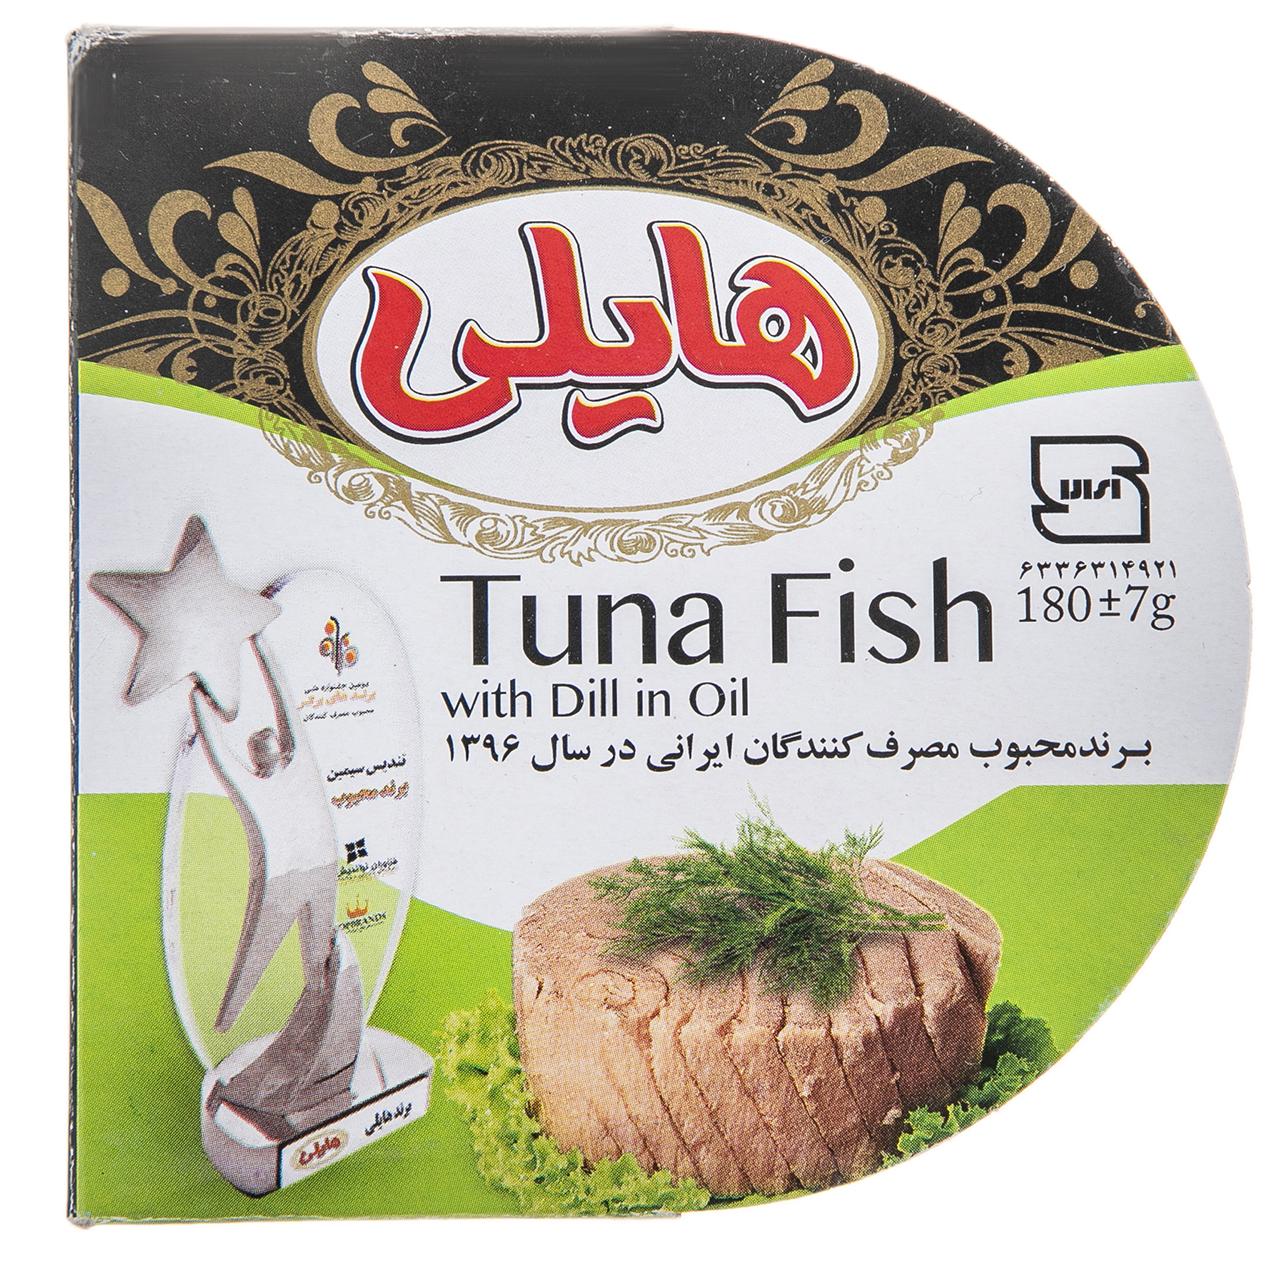 کنسرو ماهی تن با شوید در روغن هایلی مقدار 180 گرم